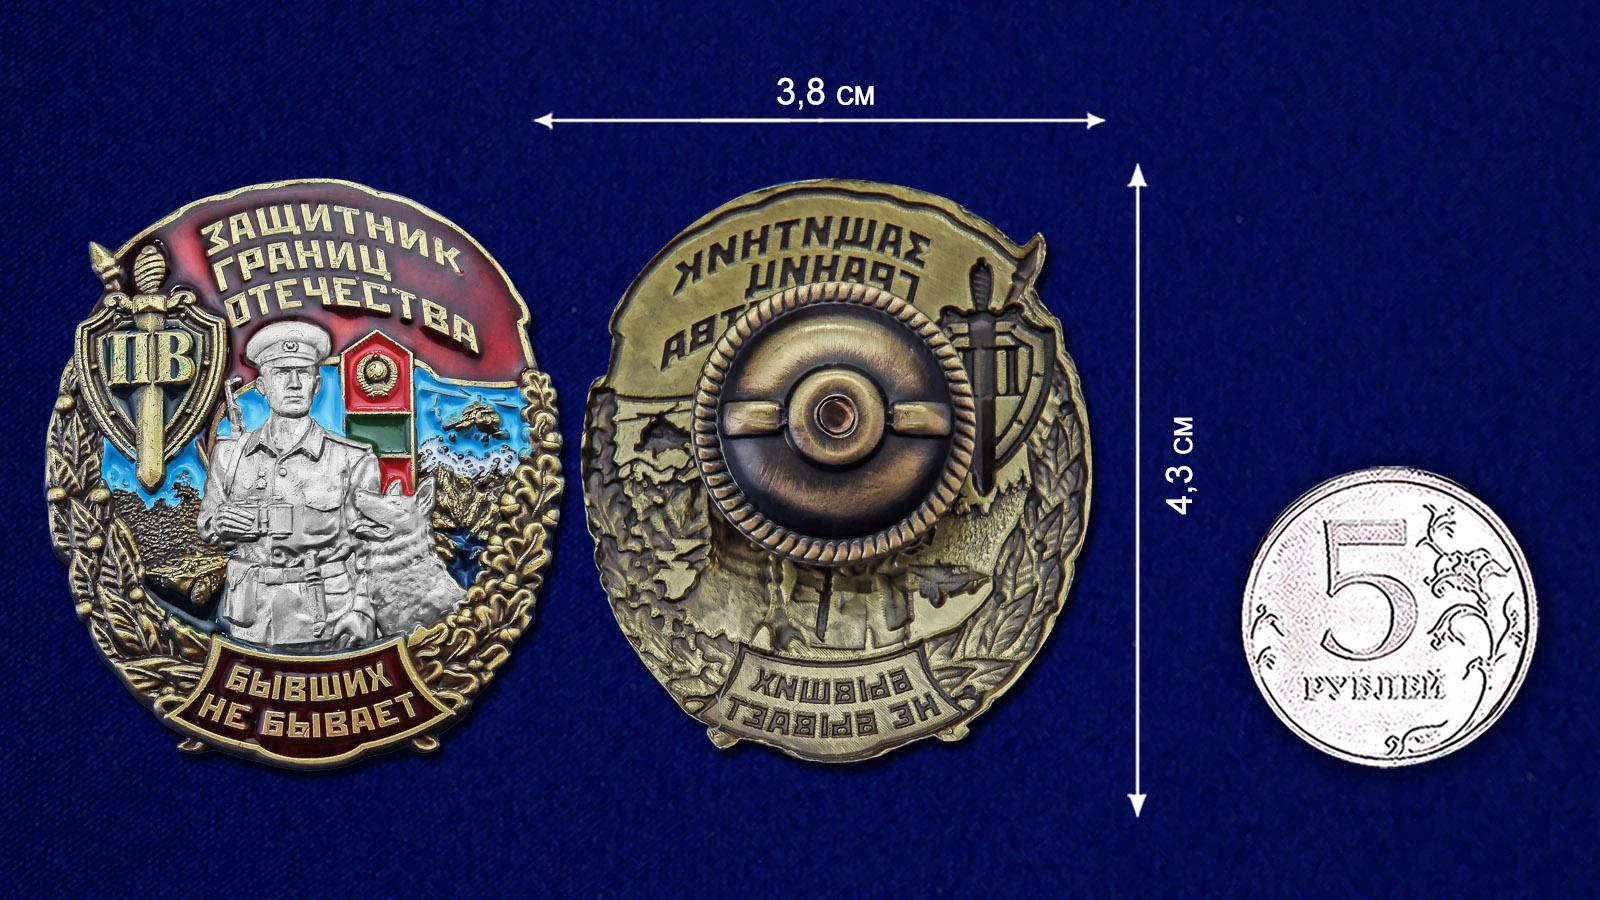 Наградной знак Защитник границ Отечества - сравнительный вид